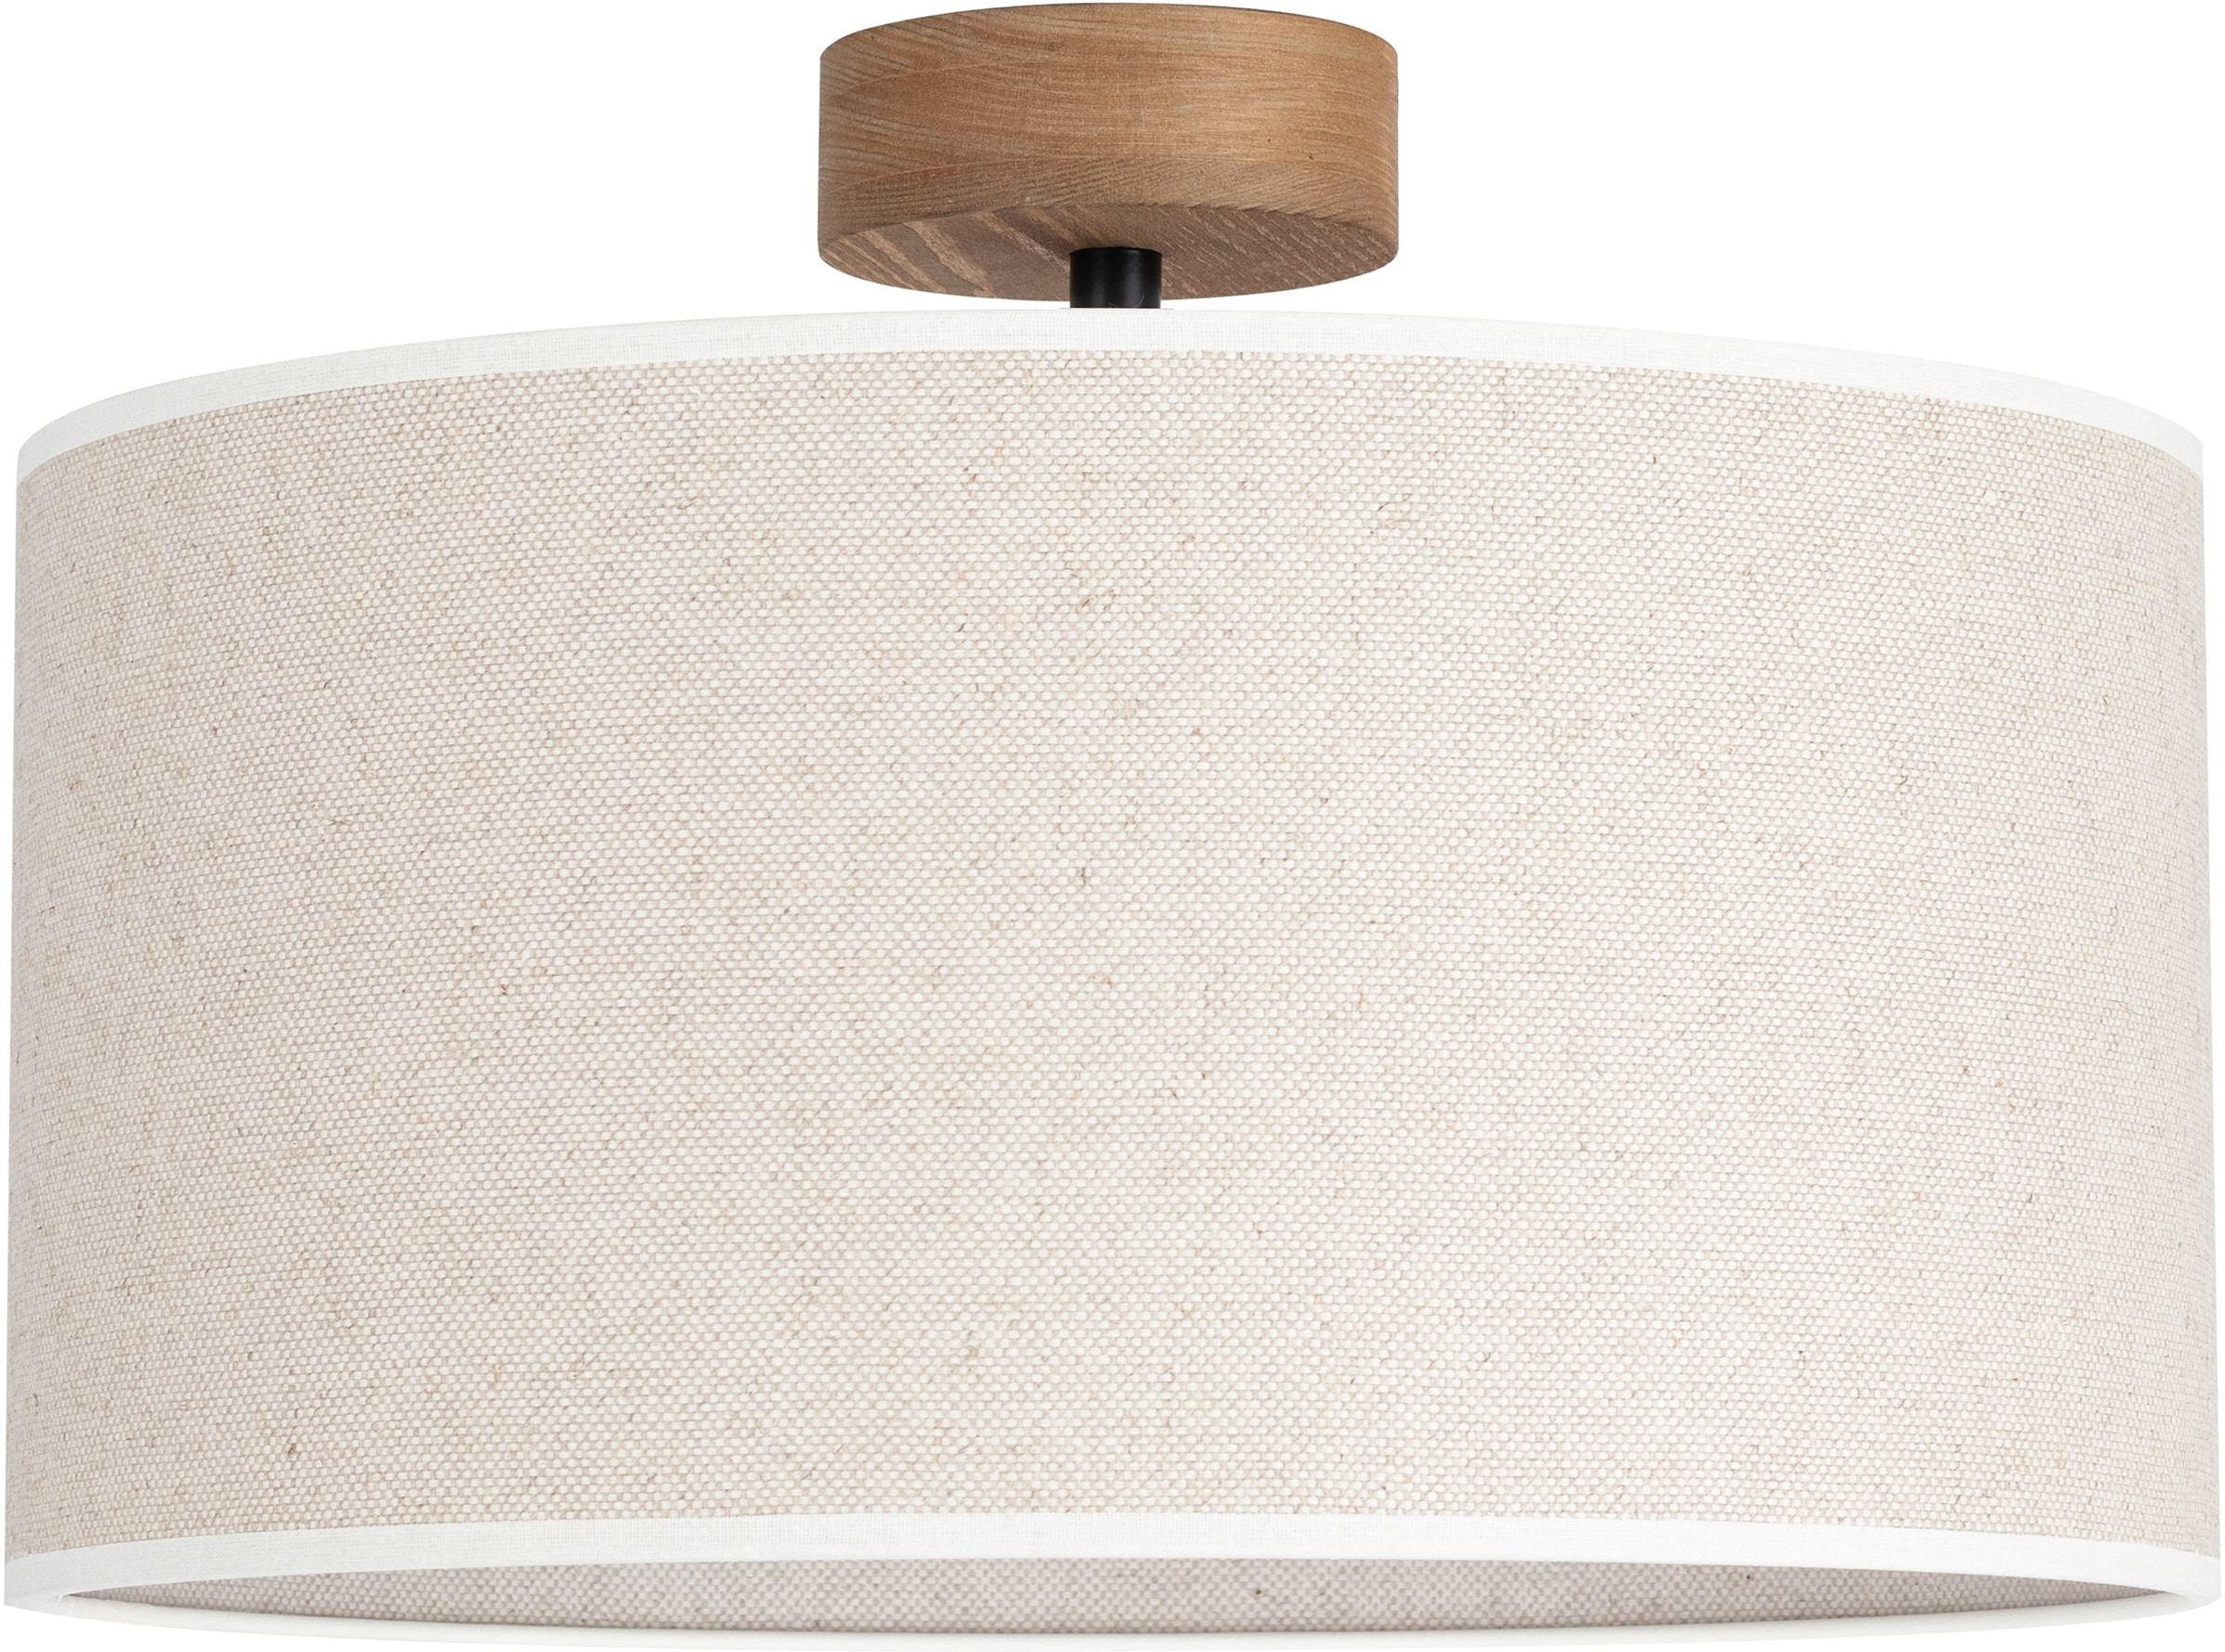 OTTO products Deckenleuchte Emmo, E27, 1 St., Hochwertiger Leinen-Baumwoll Lampenschirm, Naturprodukt mit FSC-Zertifikat, geeignet für LM E27 - exklusive, Made in Europe